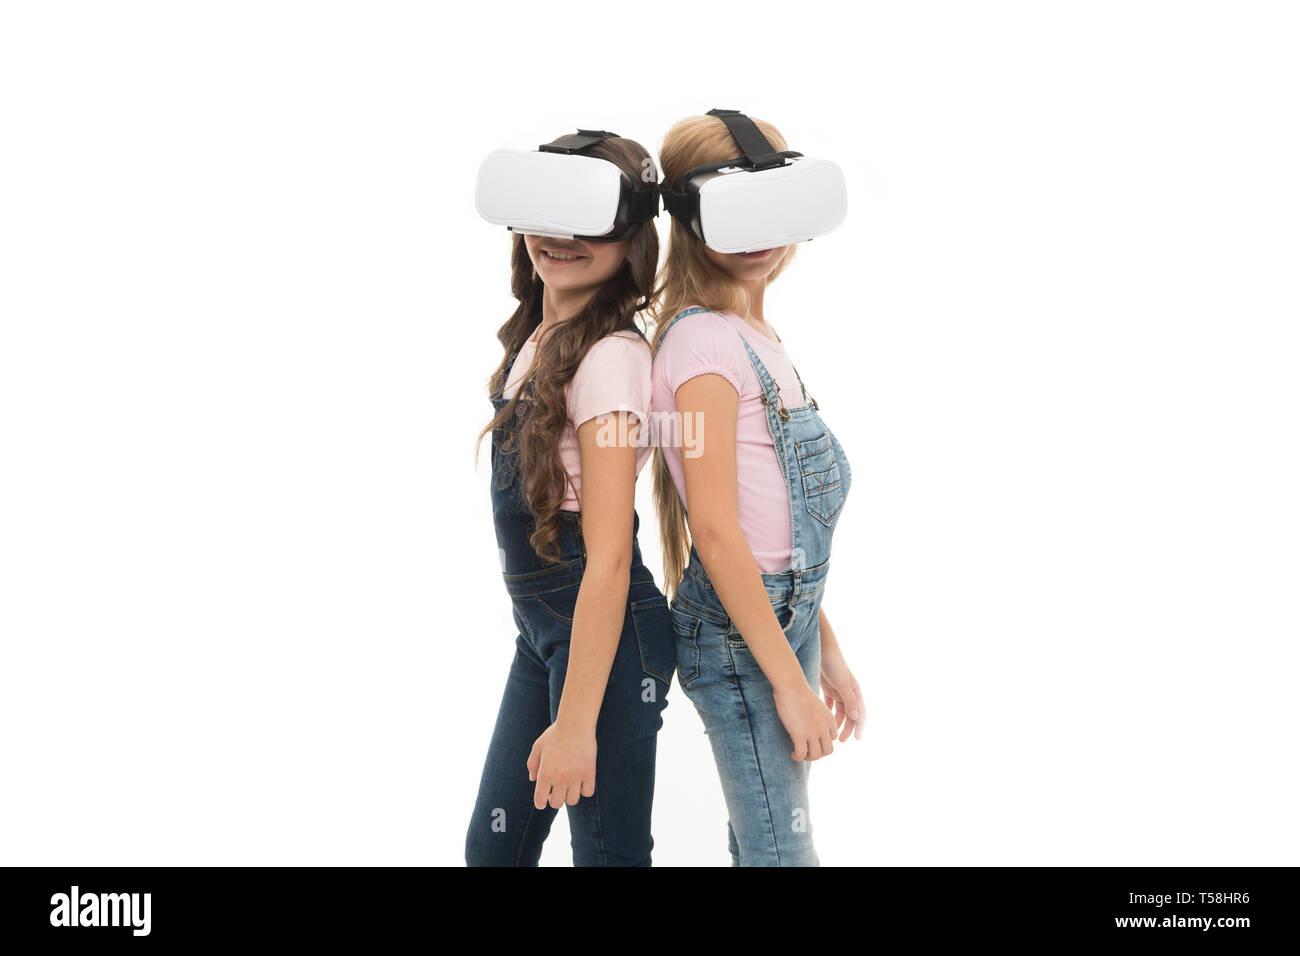 Tomando ventaja de esta nueva tecnología. Adorable pequeño niños utilizando tecnología VR para aprender y jugar. Cute niños pequeños experimentan la tecnología innovadora. La tecnología está allí, copie el espacio. Imagen De Stock